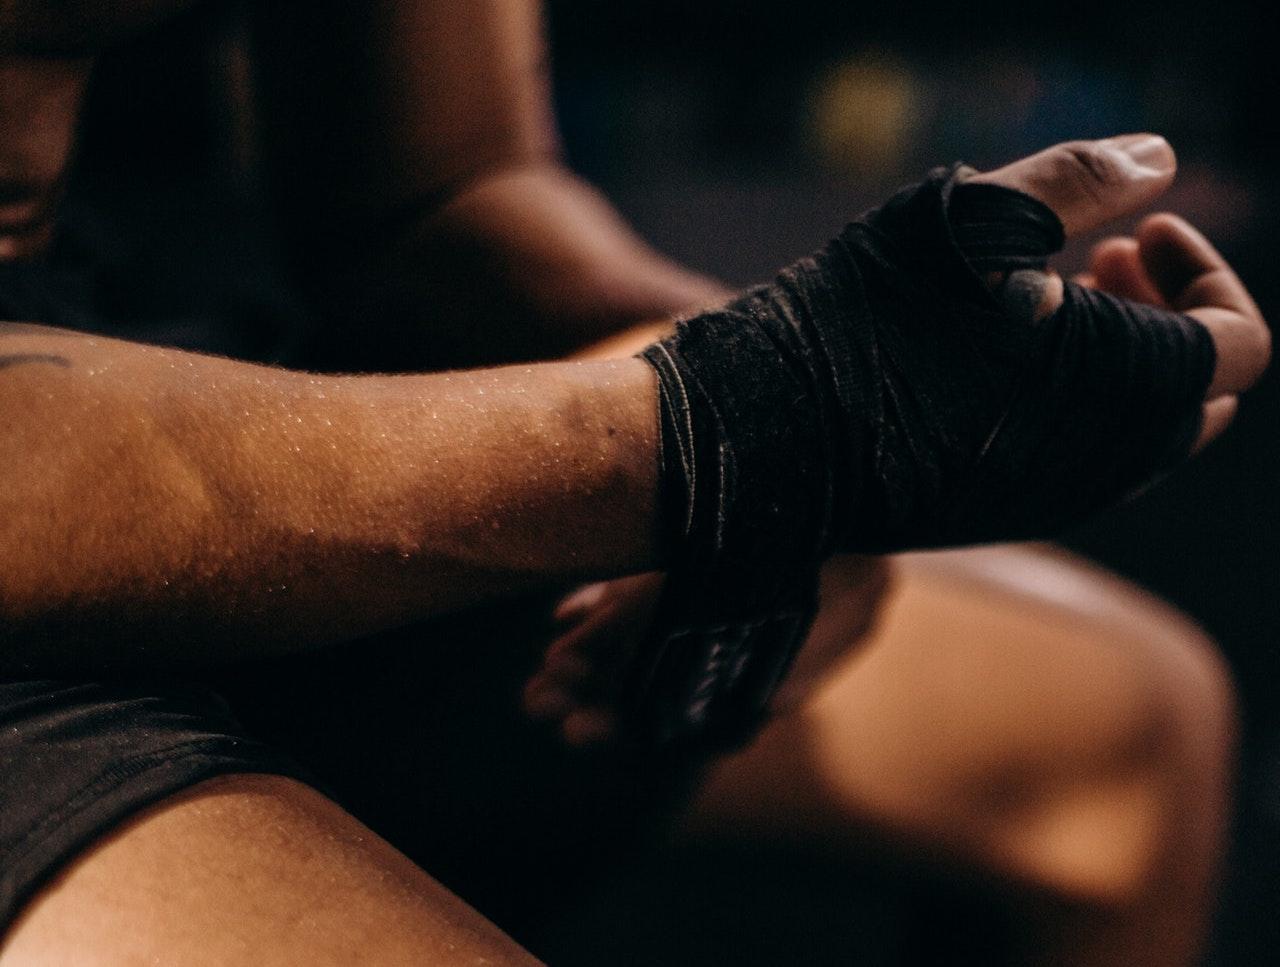 træningshandsker